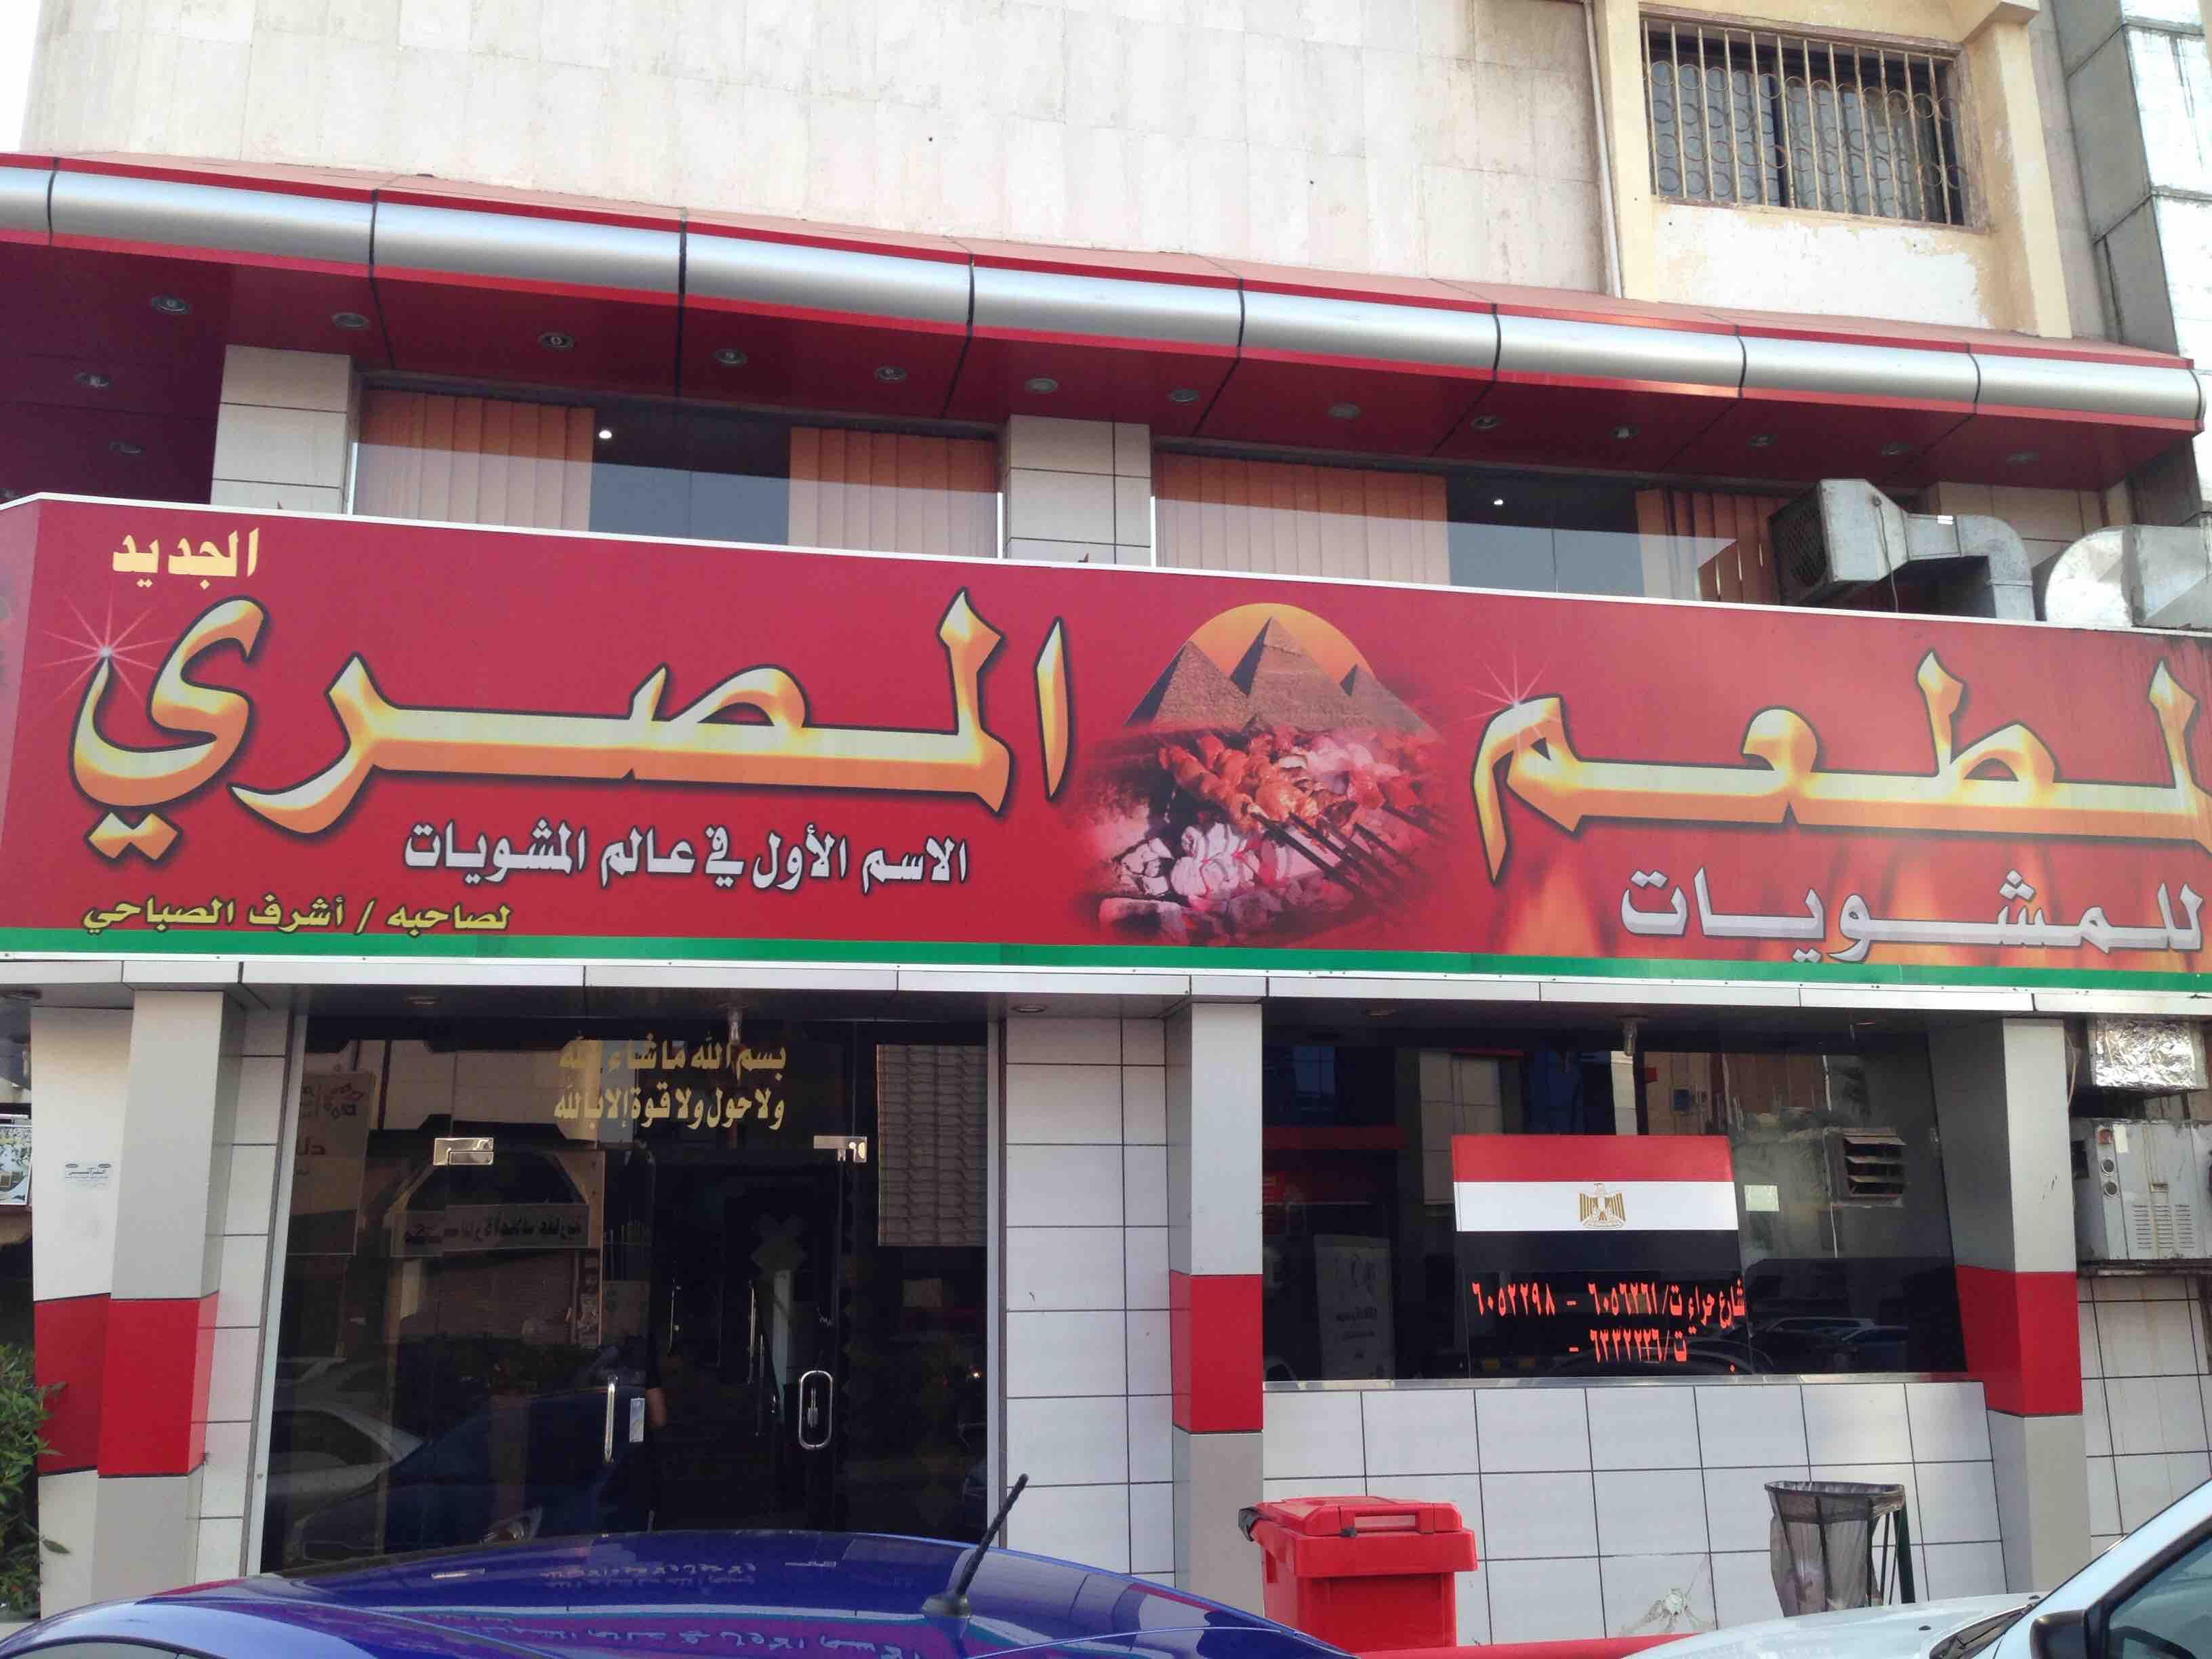 المطعم المصري للمشويات جدة